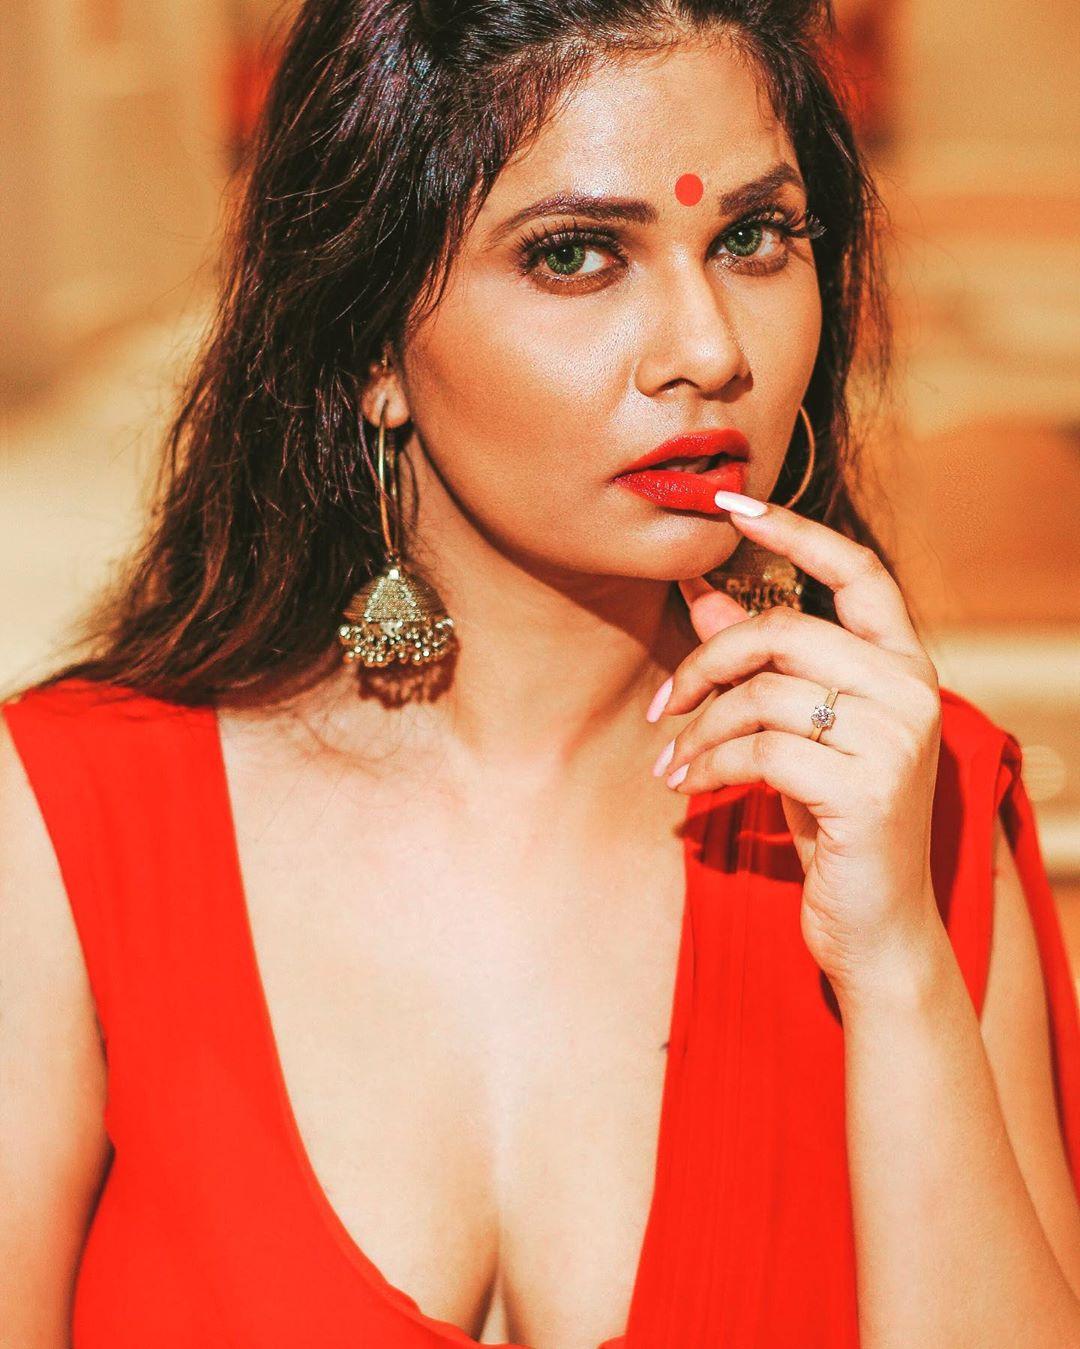 Aabha Paul hot sexy saree photos | Free download videos